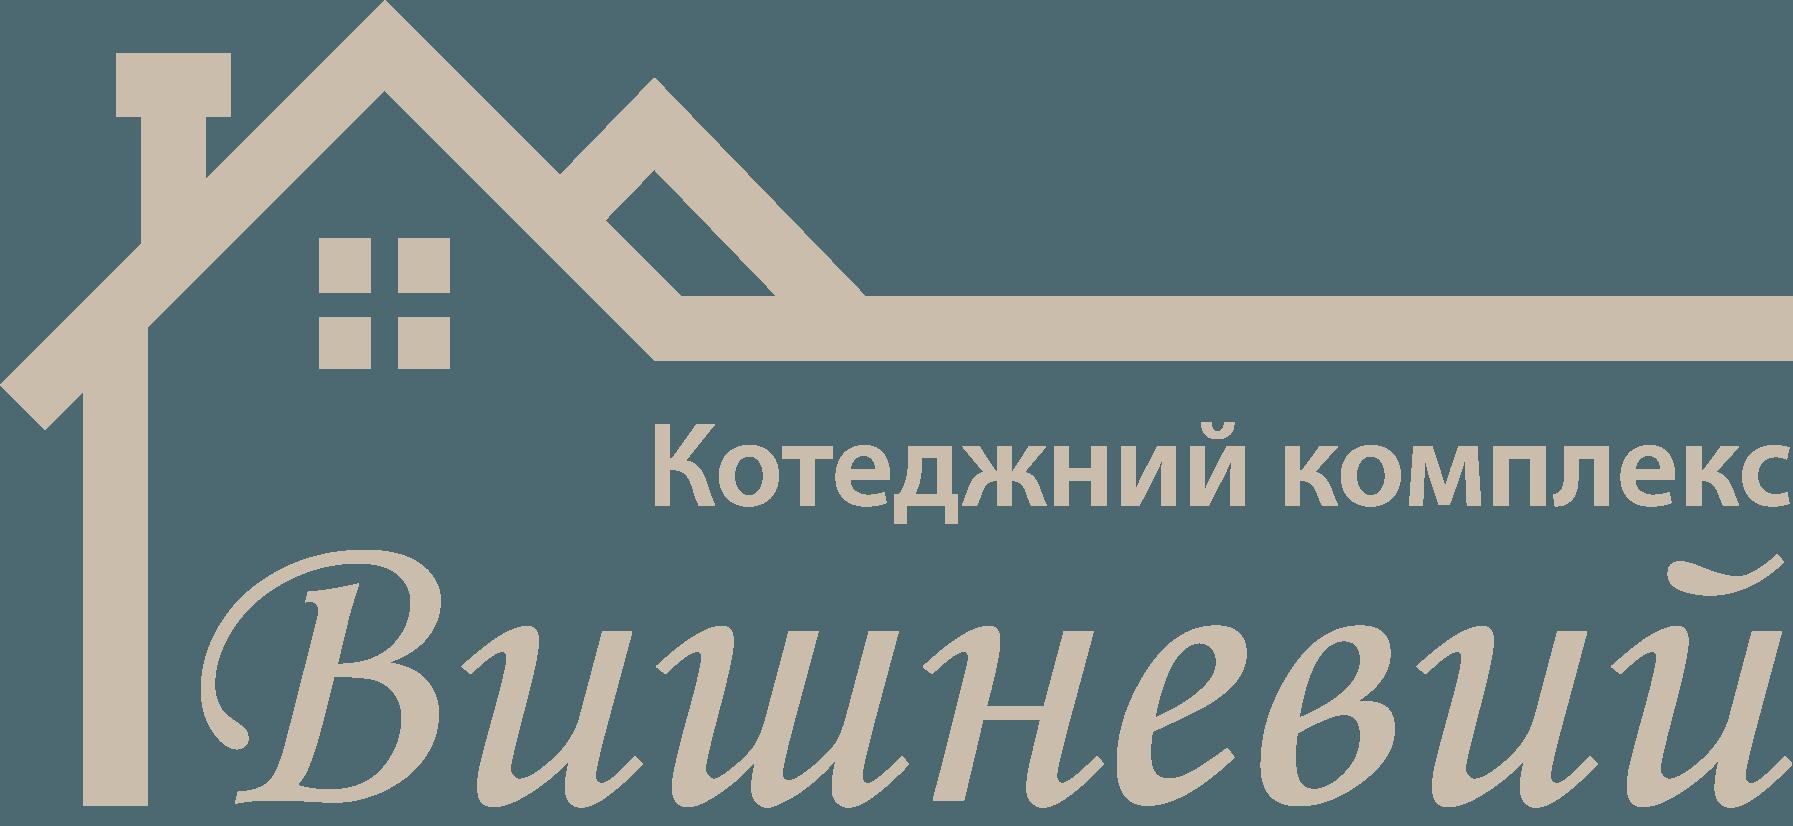 Лого Котеджный комплекс